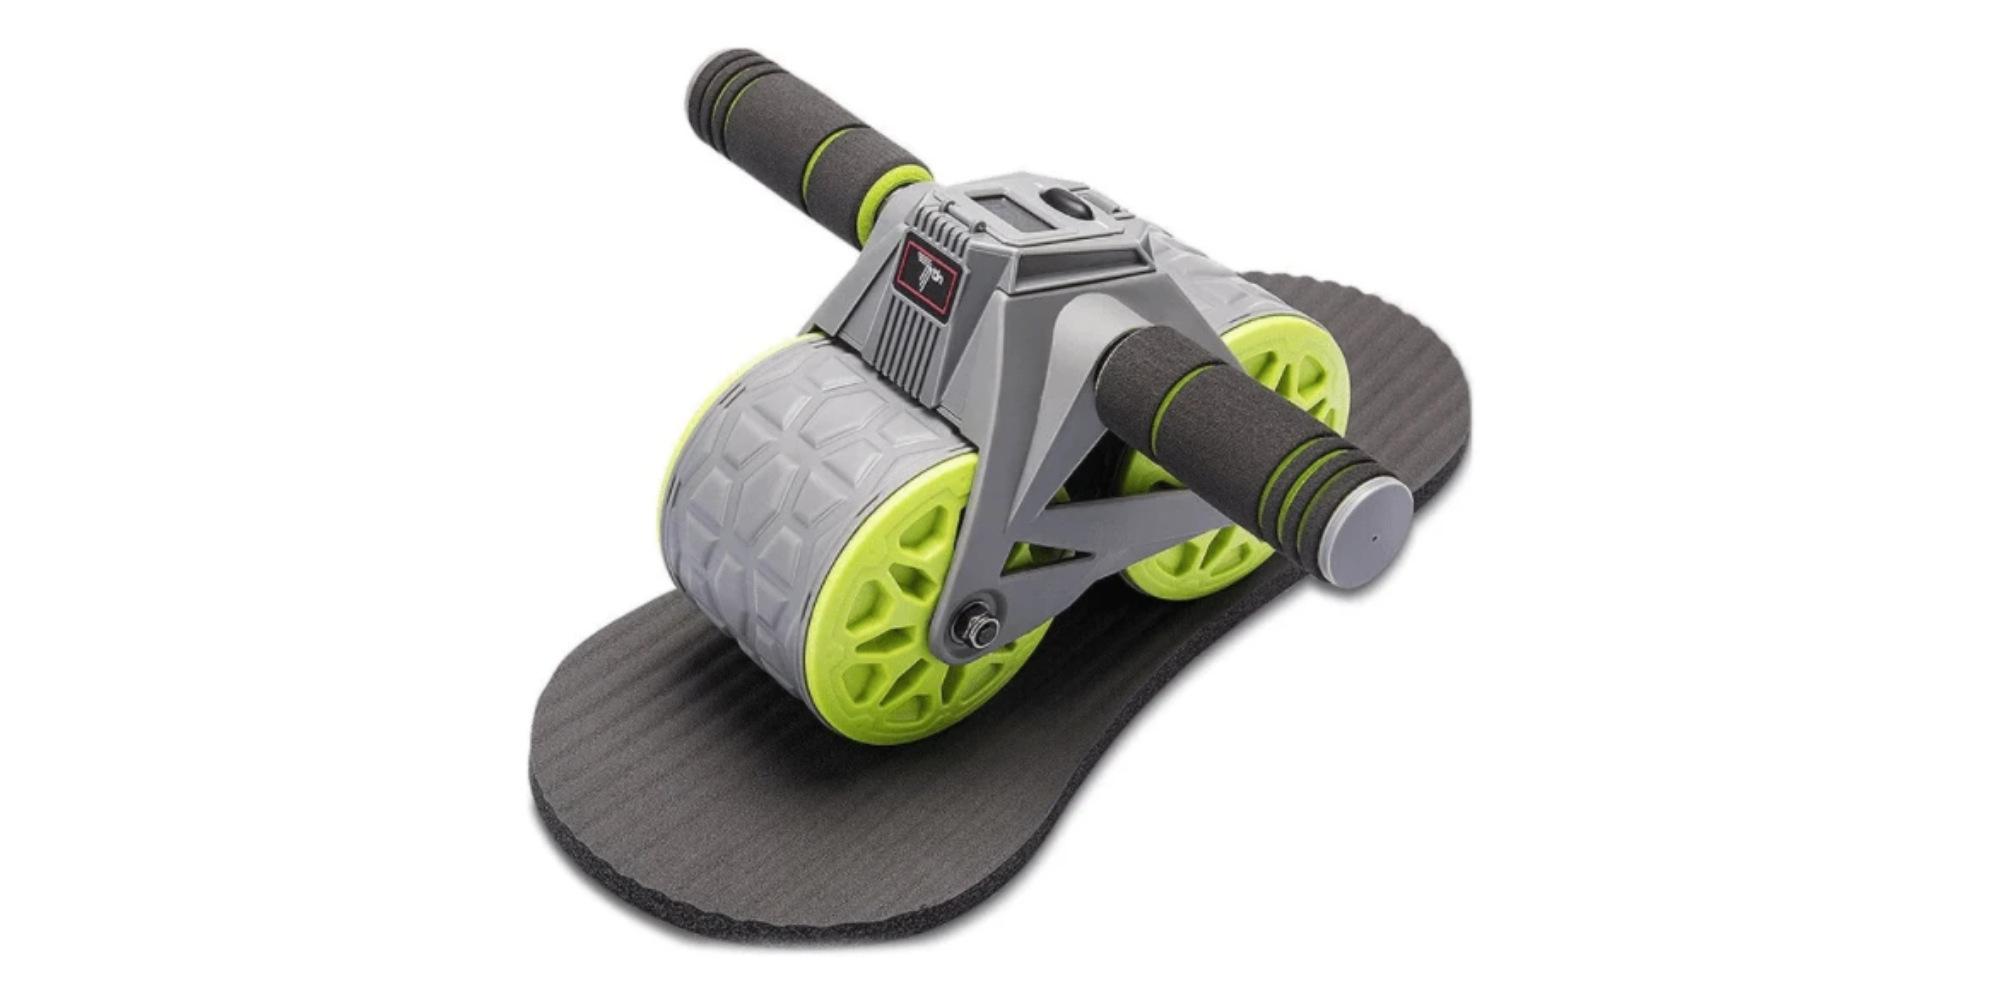 عجلة التمرين - من أفضل الأجهزة الرياضية